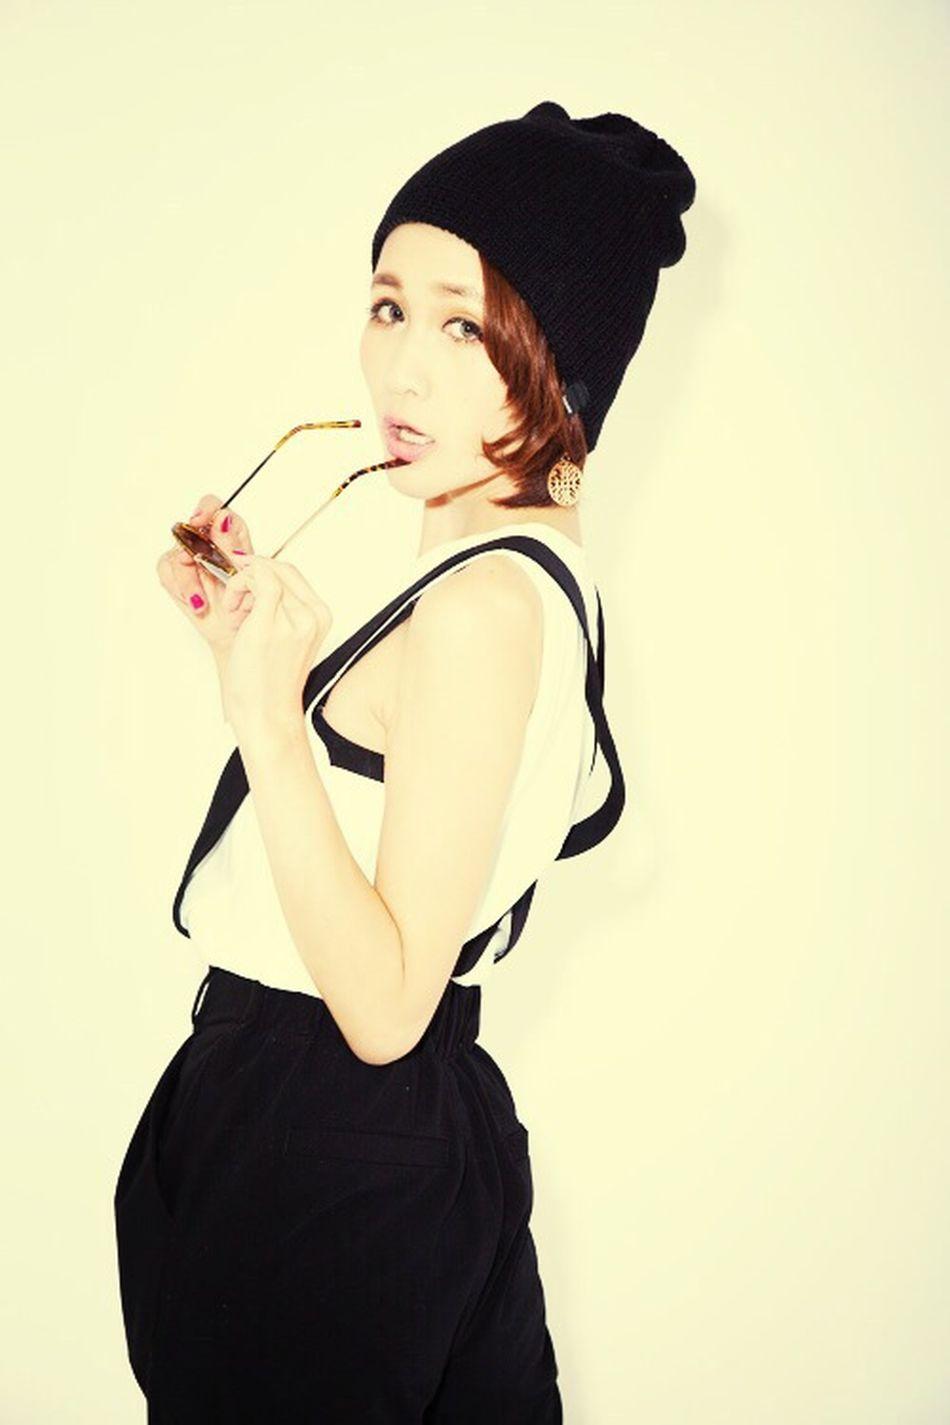 撮影 Photo Photographer Fashion 撮影